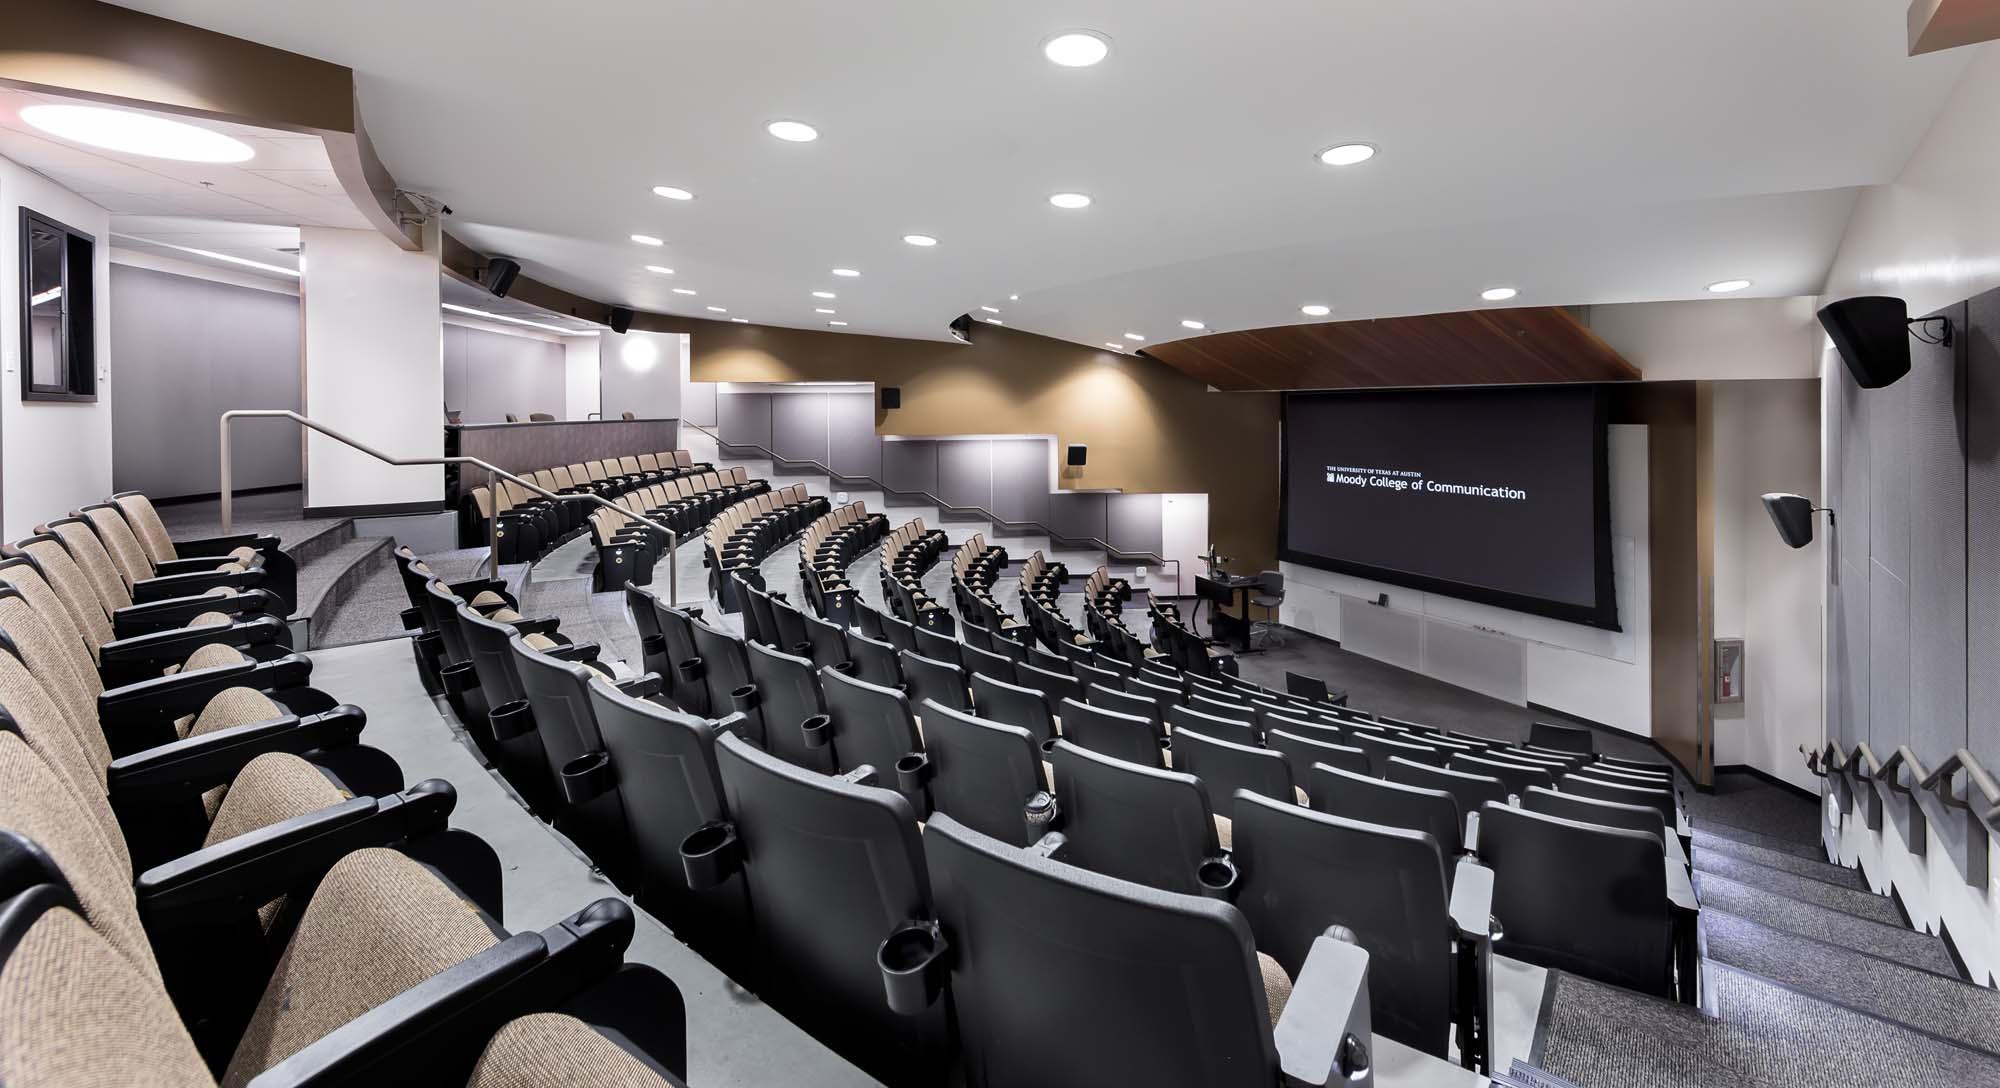 Classroom Auditorium Design ~ Cma university auditorium moody college of